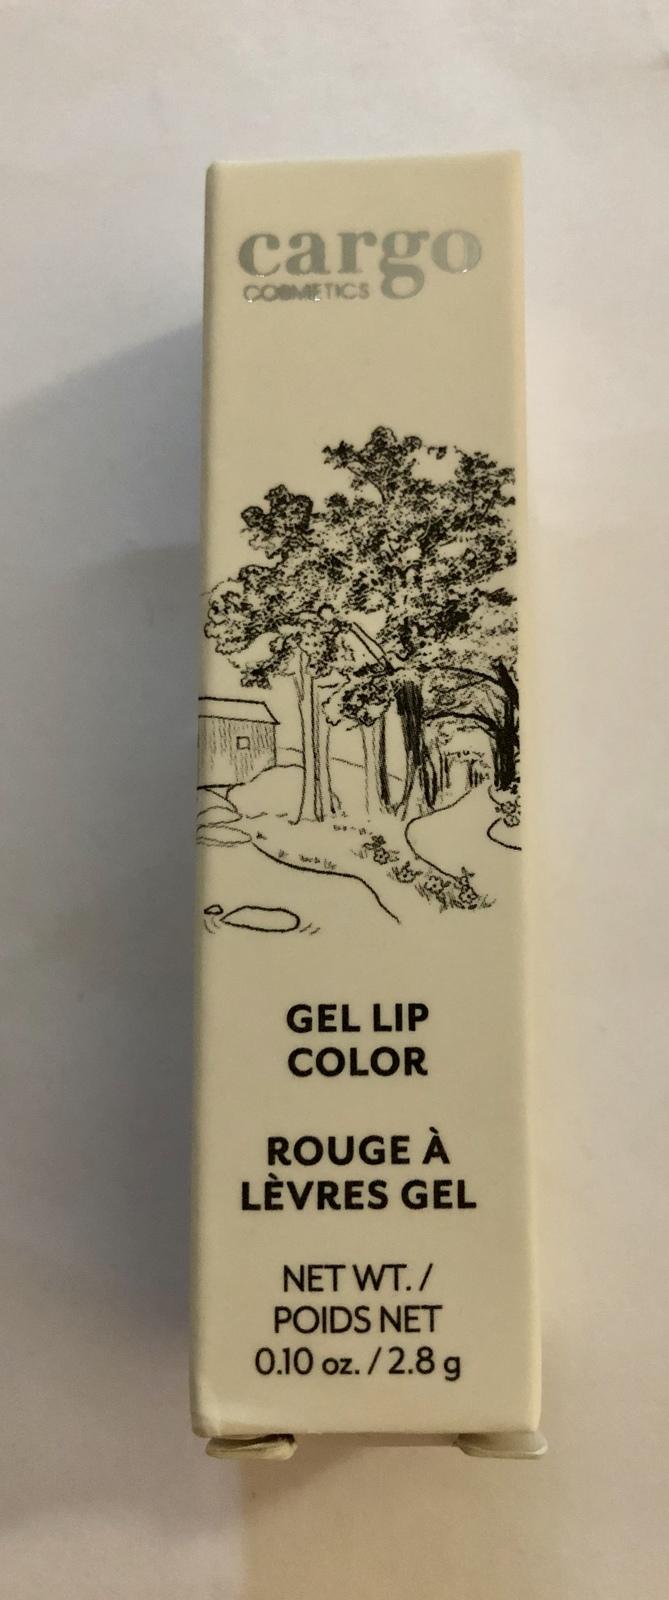 Cargo Cosmetics Gel Lip Color Sicily - $14.95